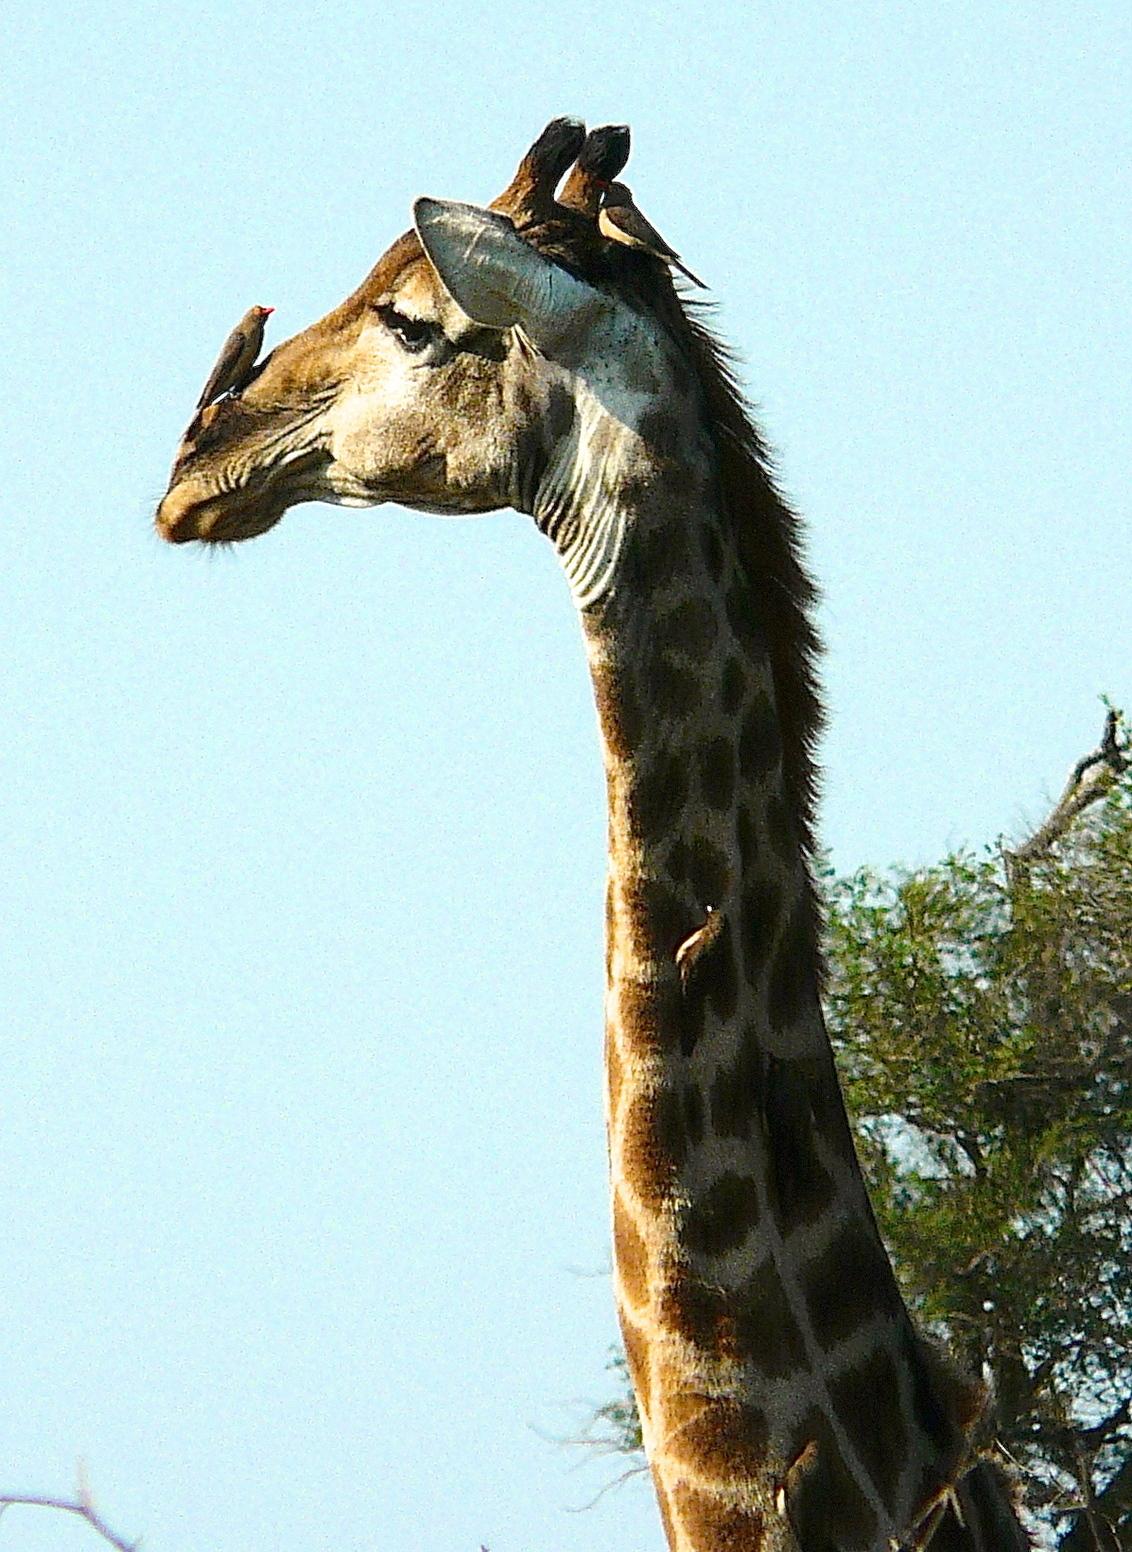 Giraffe - Giraffe met z'n vriendjes, de Geelsnavelossepikkers. - foto door Hans-Lejeune op 26-02-2015 - deze foto bevat: safari, giraffe, krugerpark, roodsnavelossepikker, zuid afrika, hans lejeune